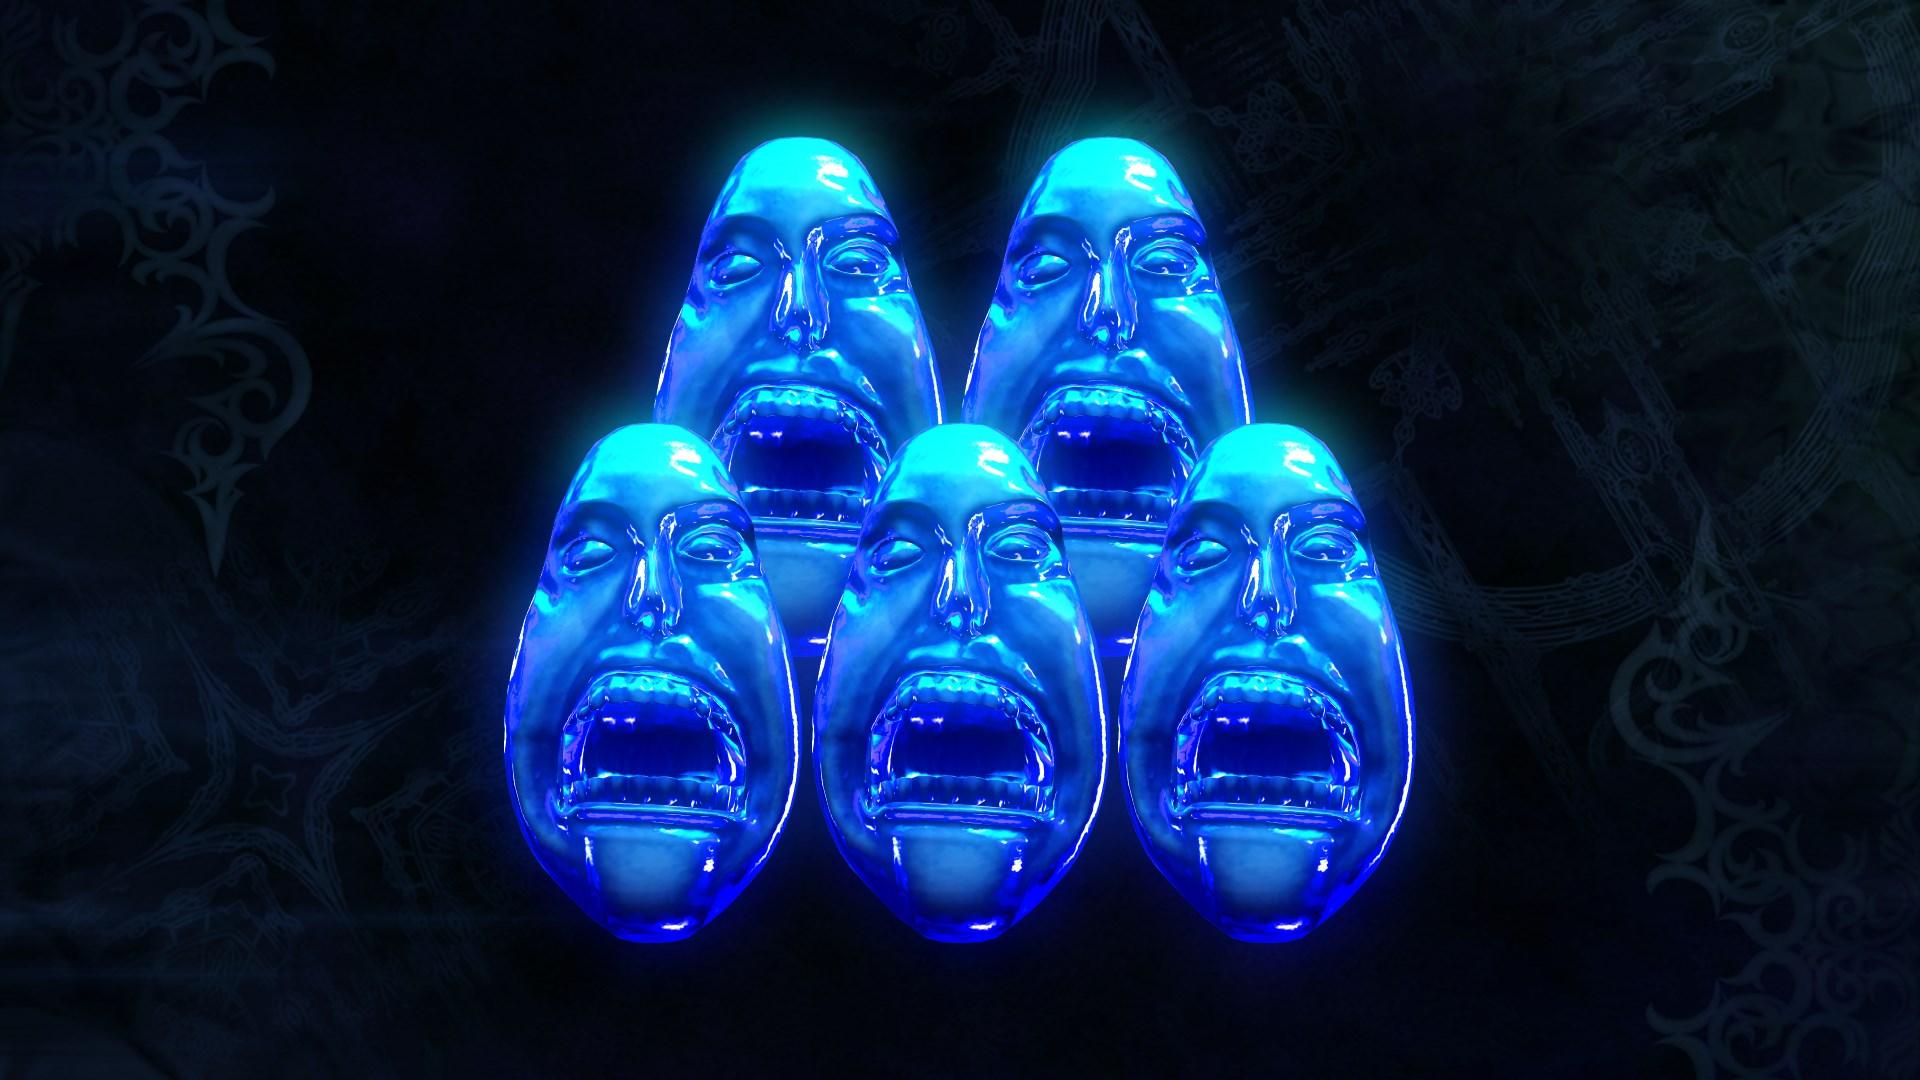 5 Blue Orbs